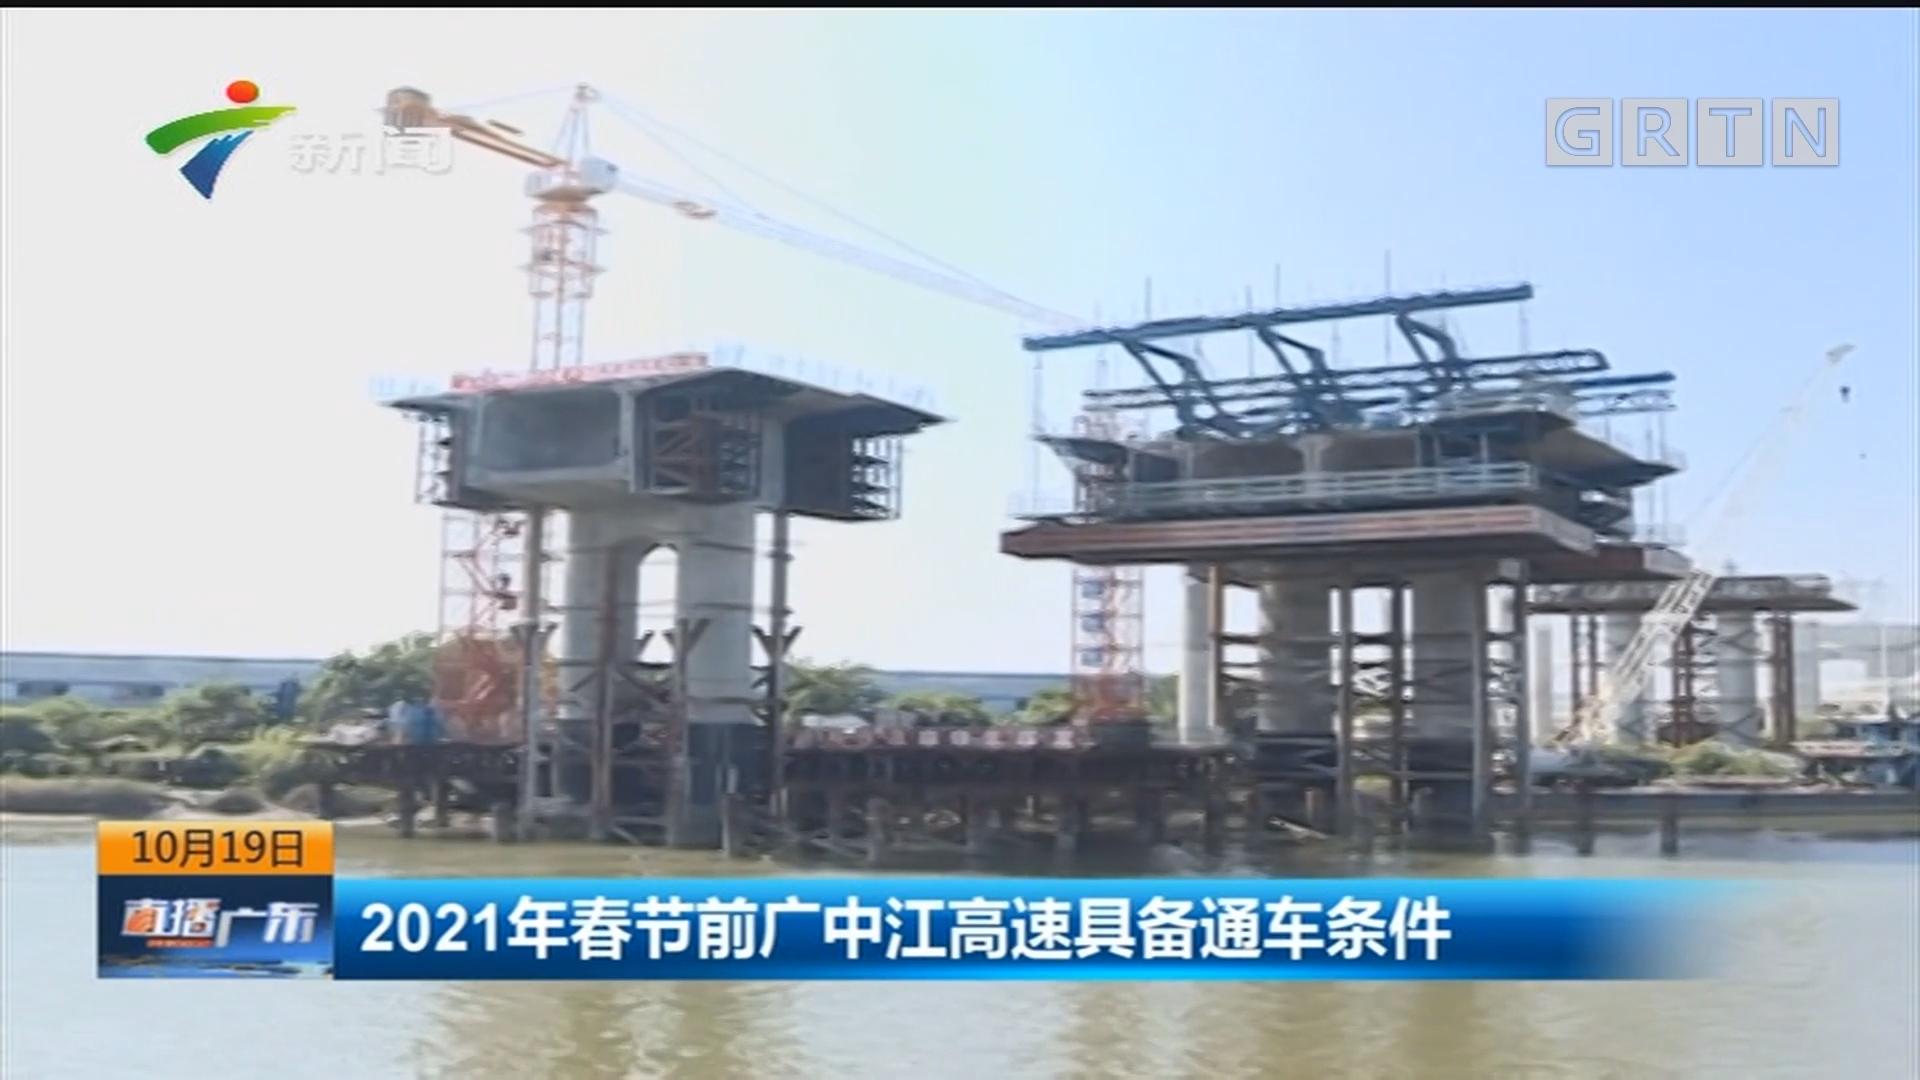 2021年春节前广中江高速具备通车条件